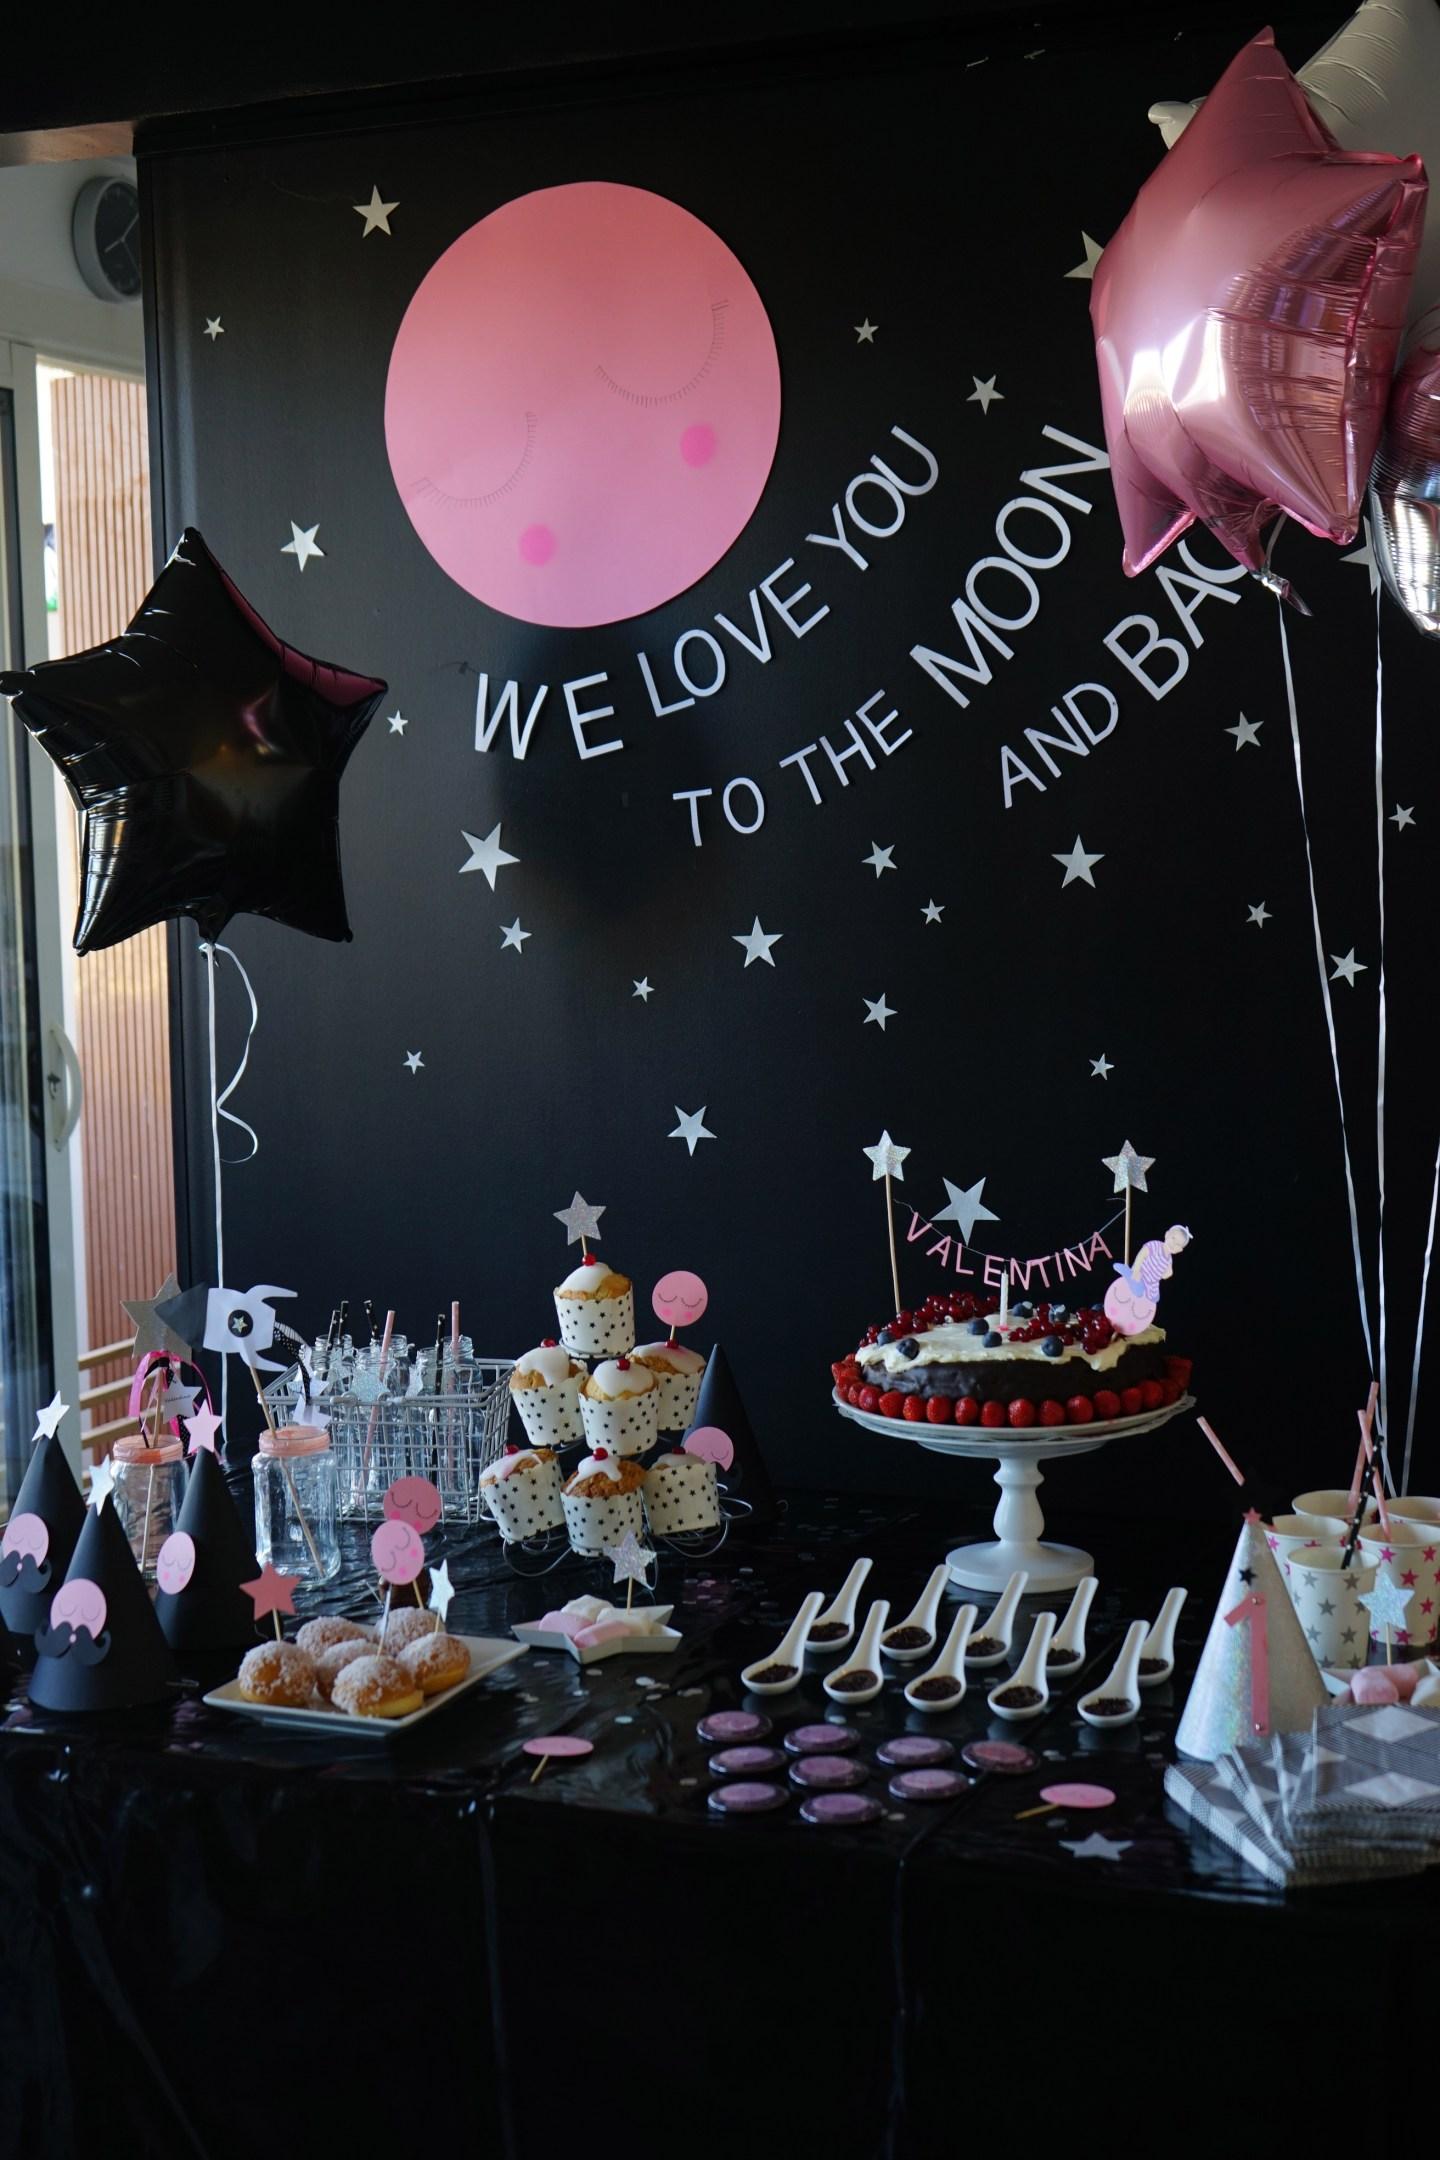 La fête d'un an de notre baby girl en mode Love you to the moon and back